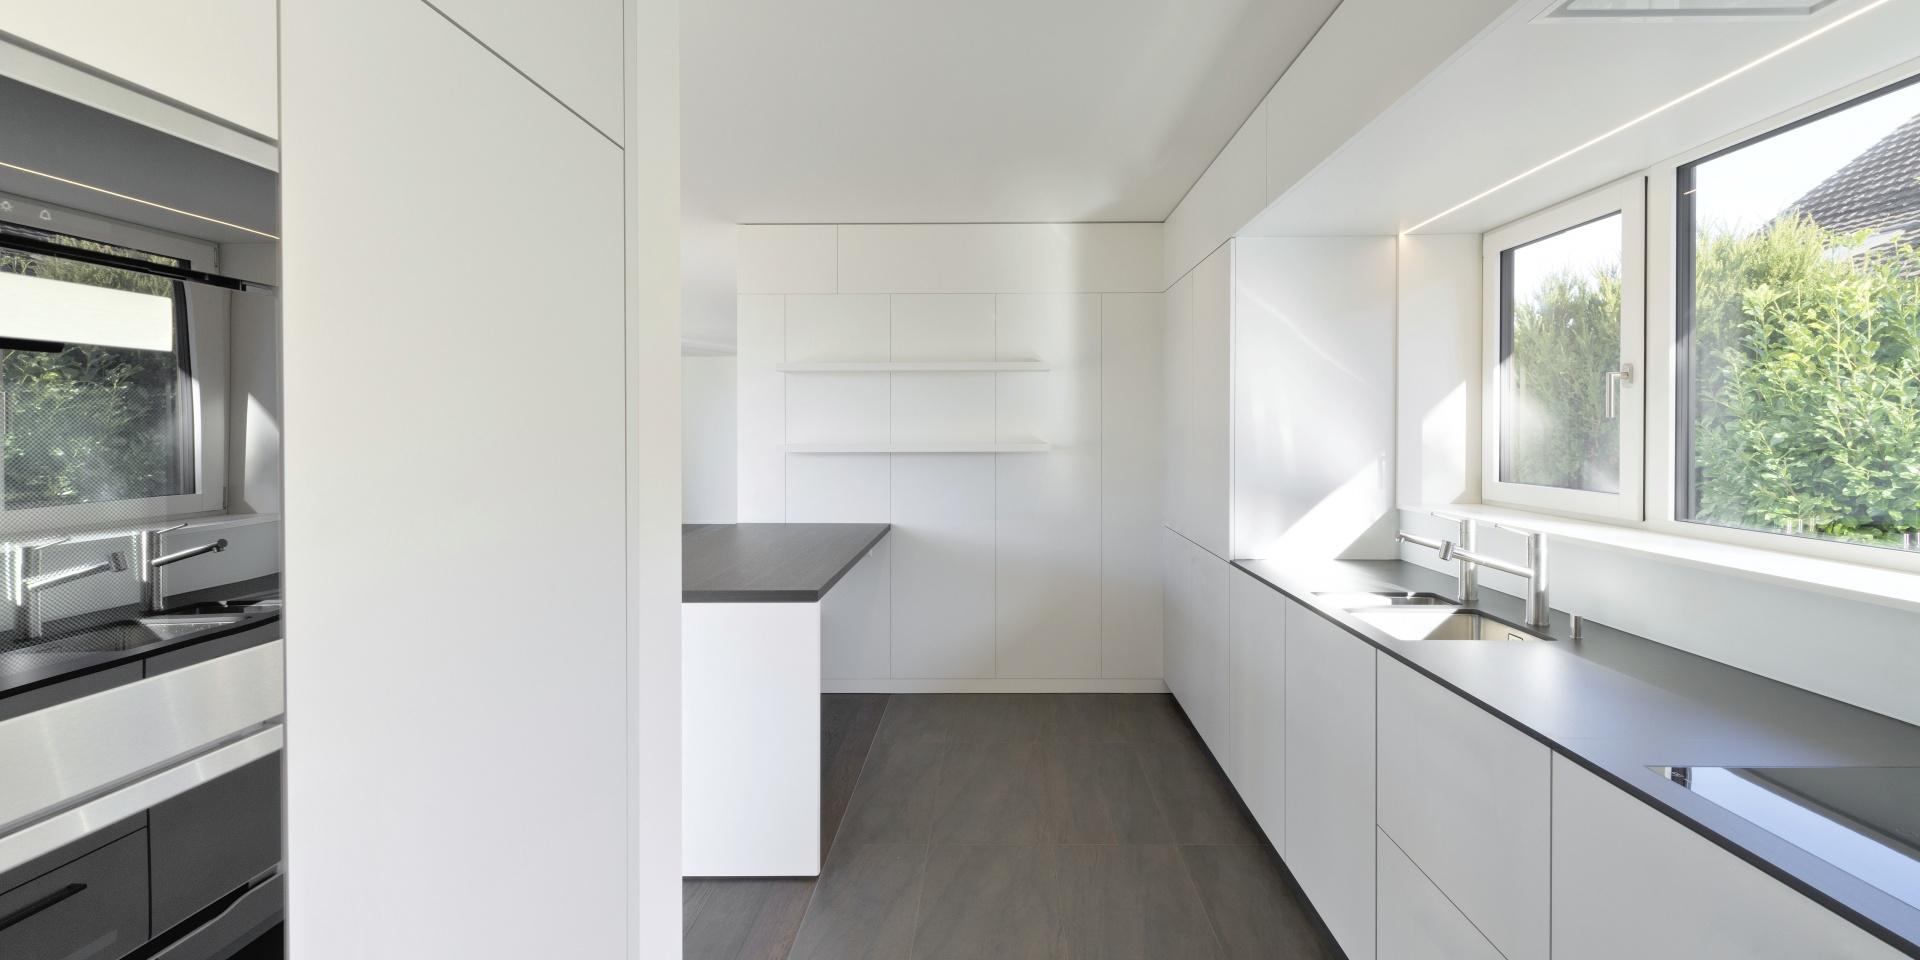 Küche © René Rötheli, Baden